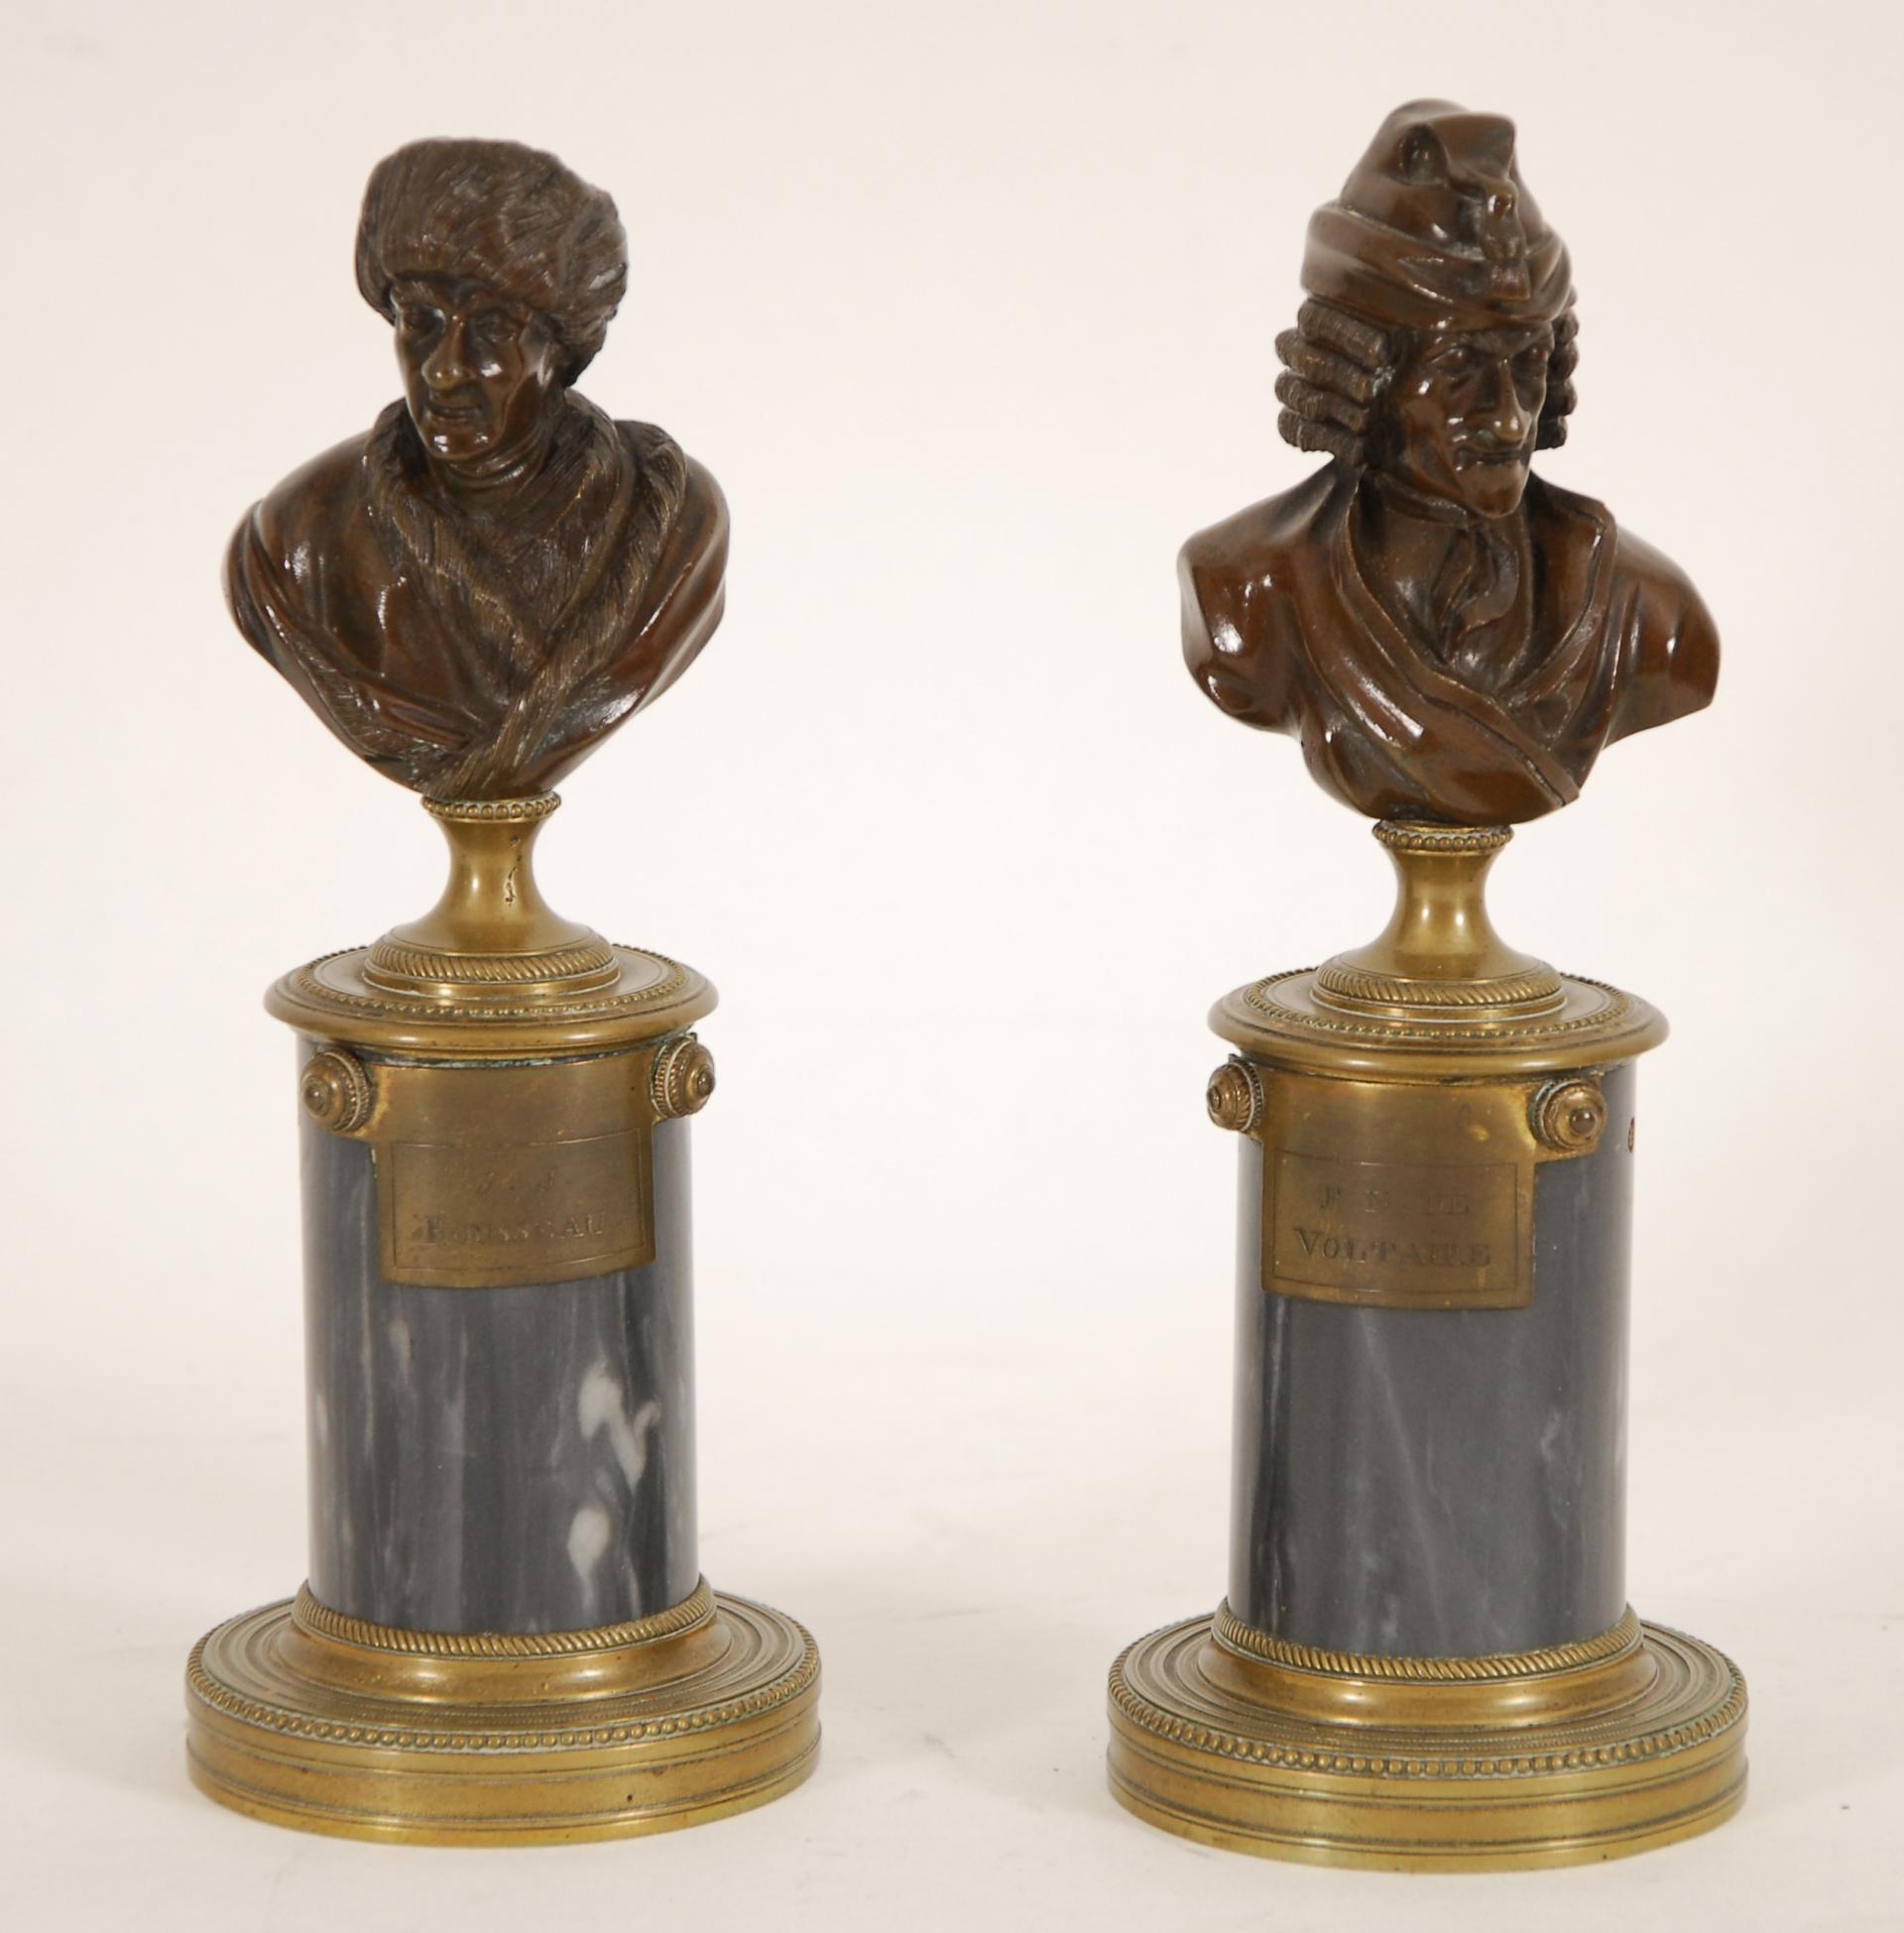 Bustes de Voltaire et de Rousseau